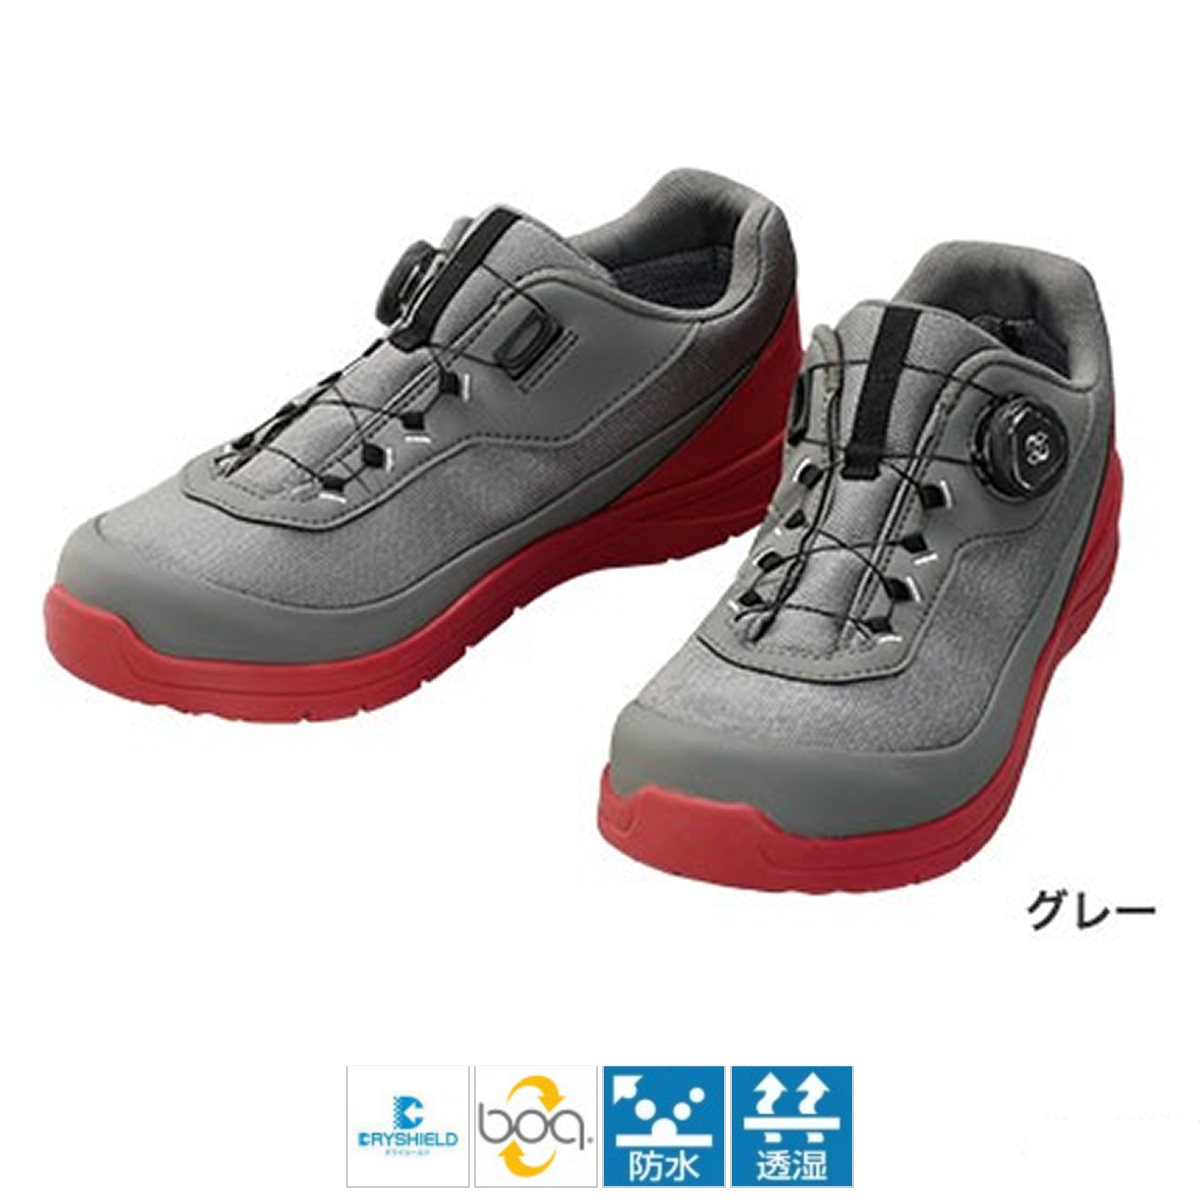 シマノ ドライシールド デッキラジアルフィットシューズ LW FS-081Q 27.5cm グレー(東日本店)